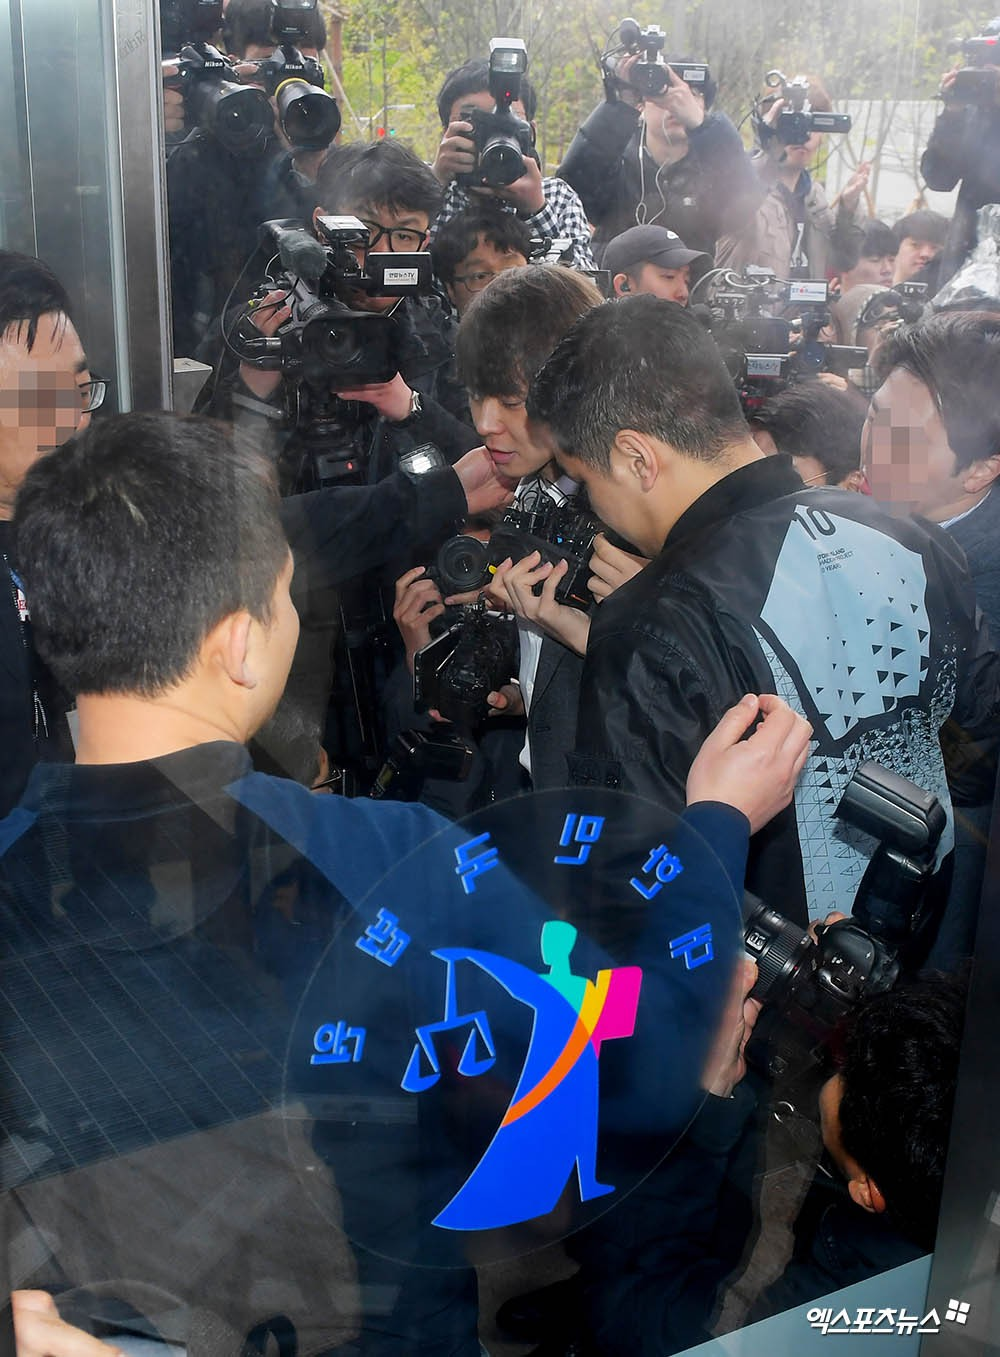 Yoochun chính thức bị bắt vì tội sử dụng ma túy: Khi đến tươi tỉnh khi về tiều tuỵ, tay bị còng và trói bằng dây thừng - Ảnh 13.